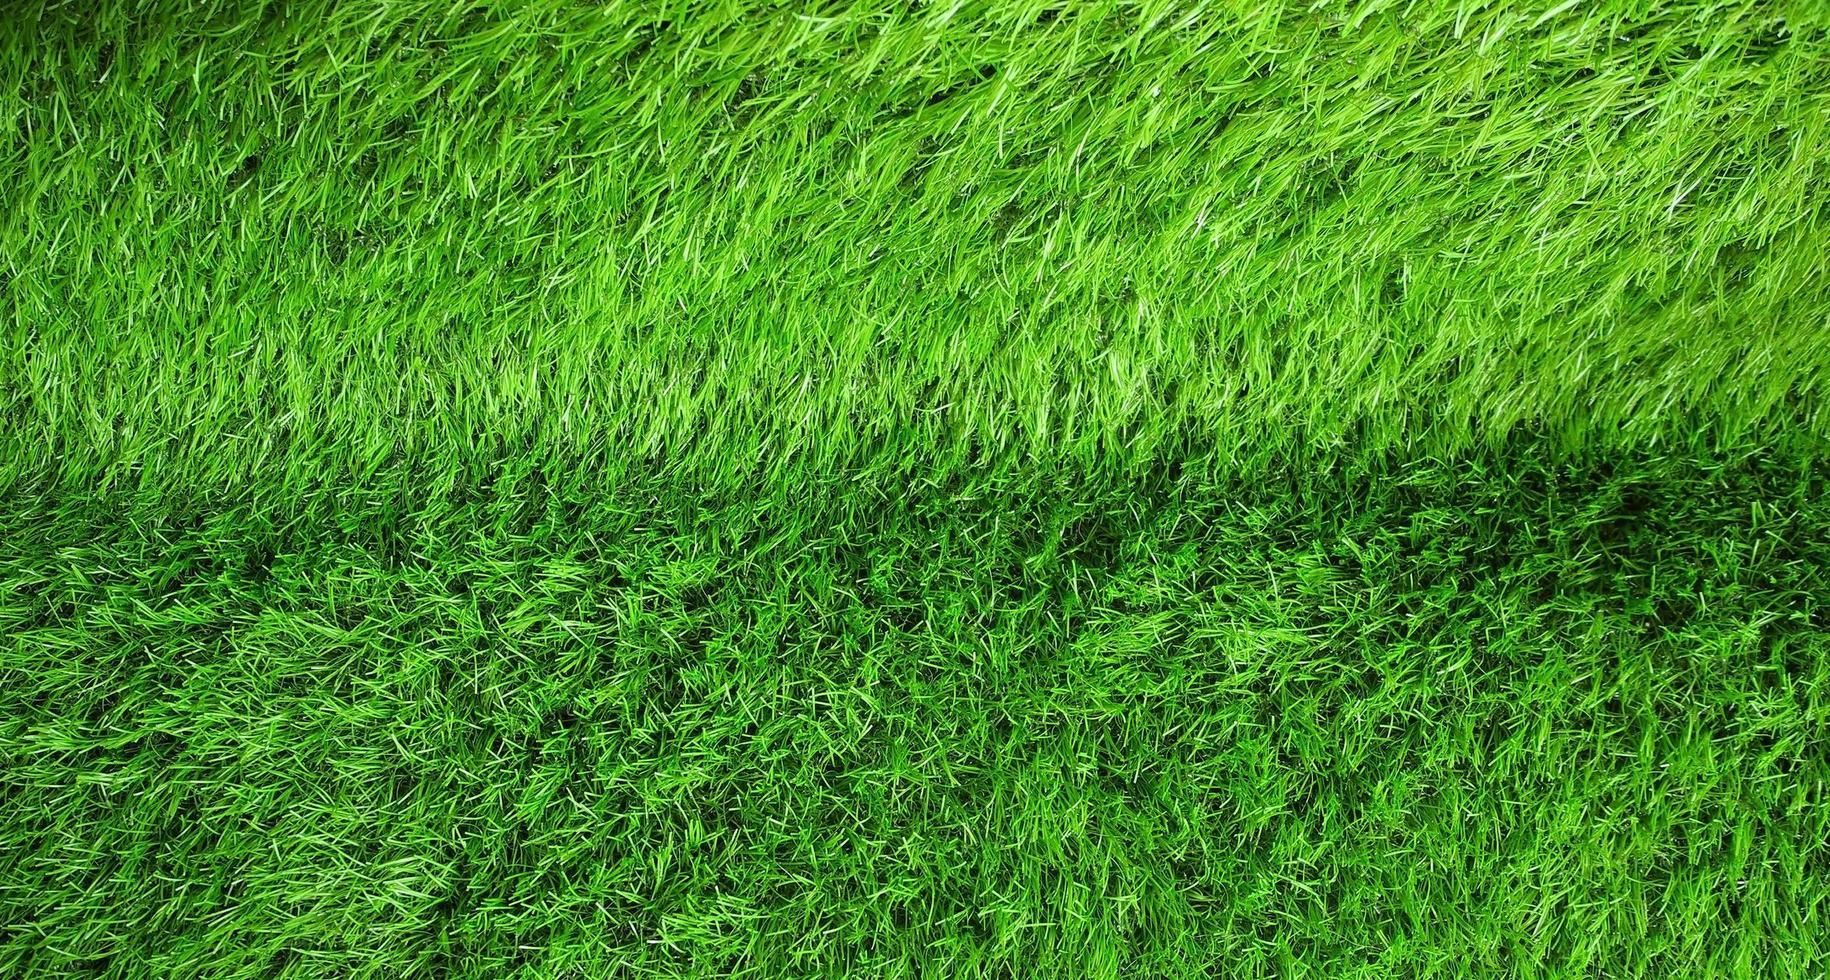 erba verde lussureggiante foto